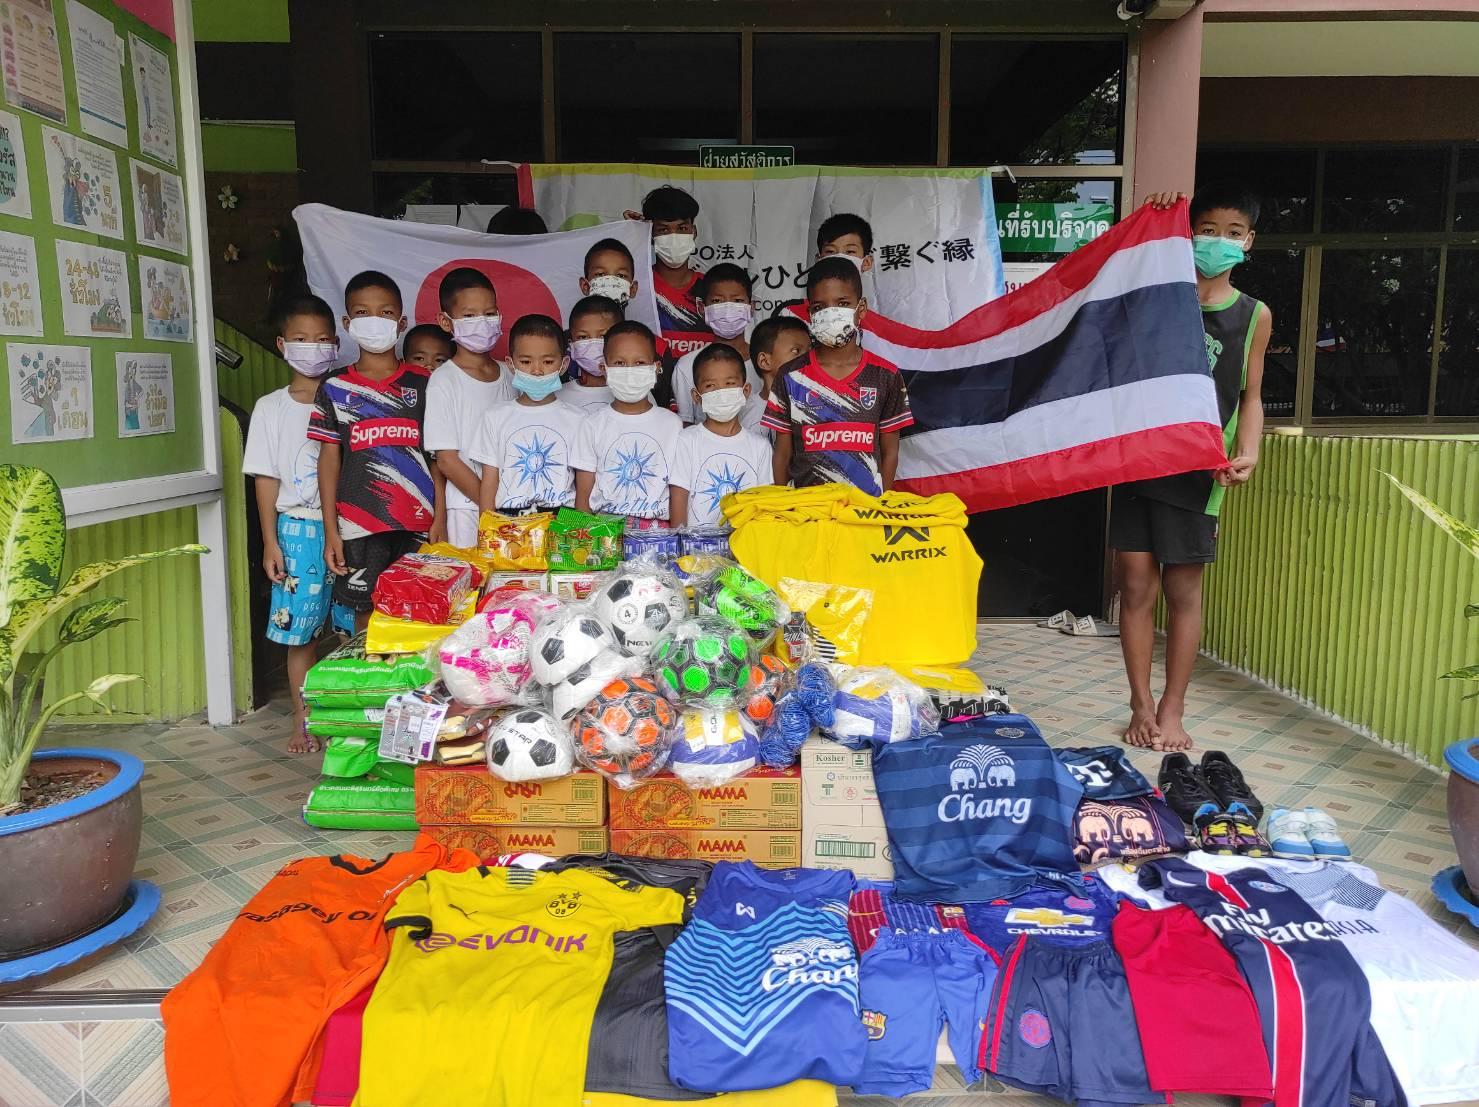 タイ王国 バンコク bannmahamek LIVE支援(2021年4月17日)